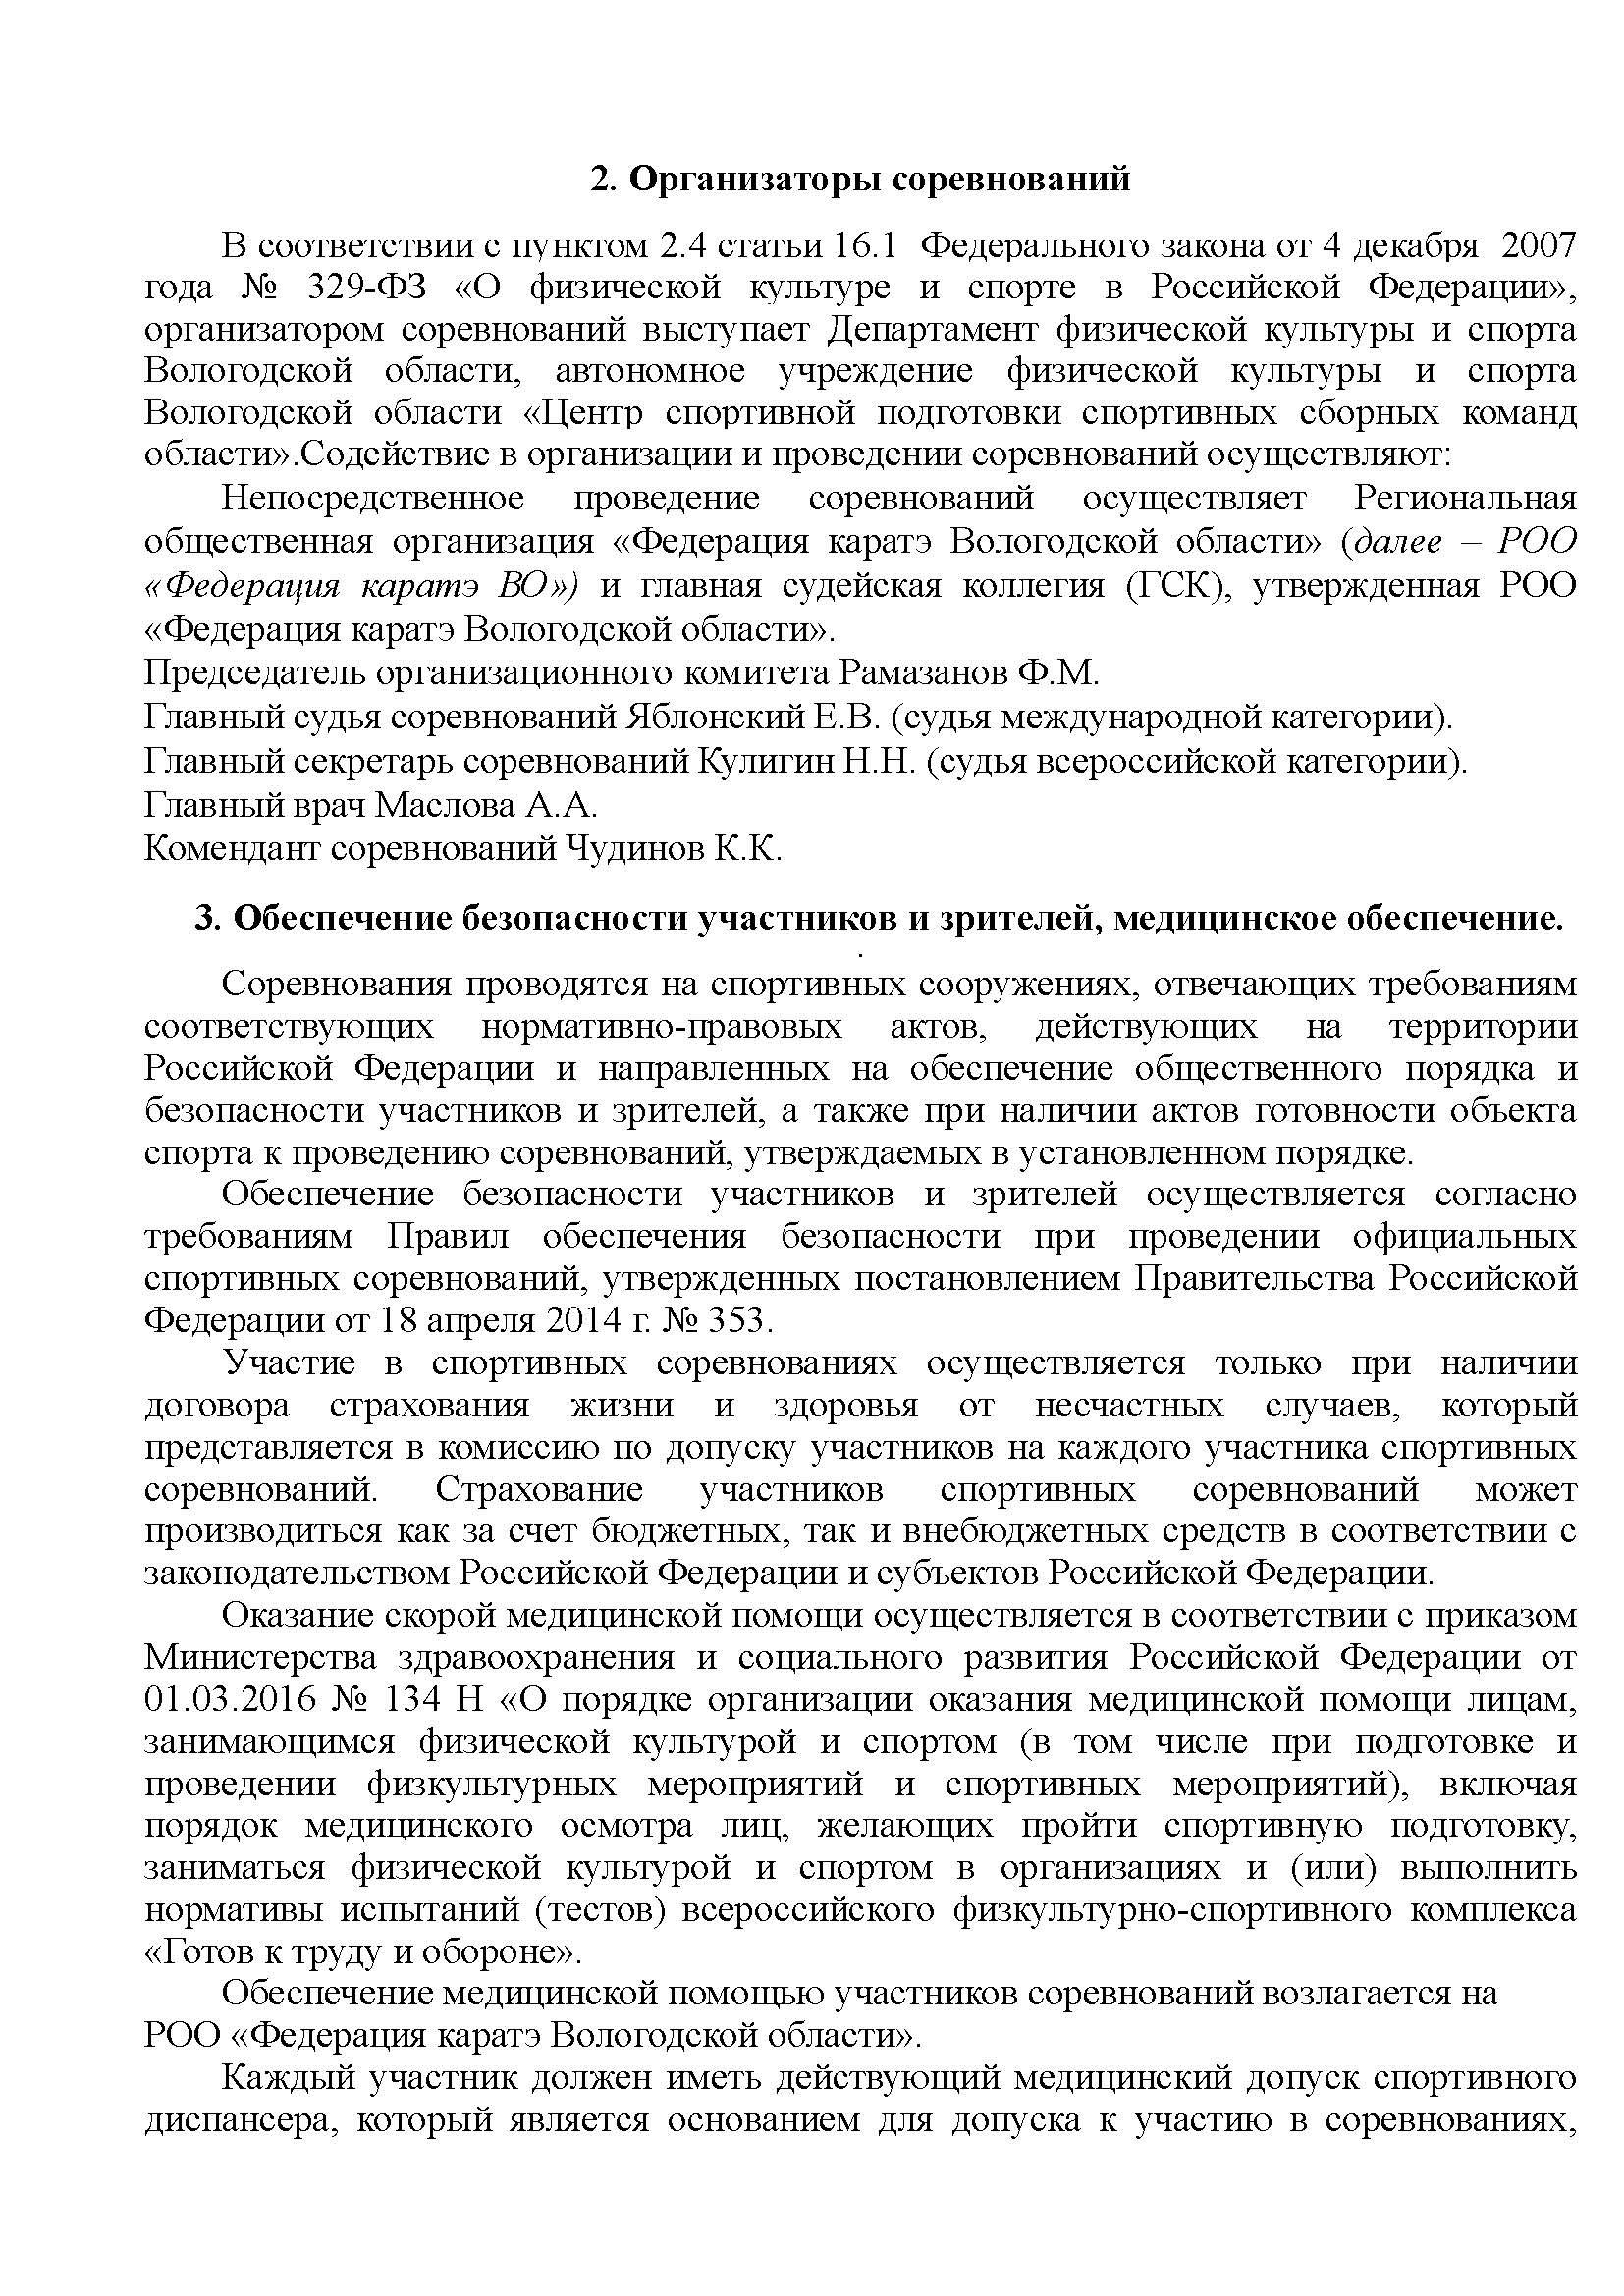 СЗФО-2020_001-OF_Страница_2